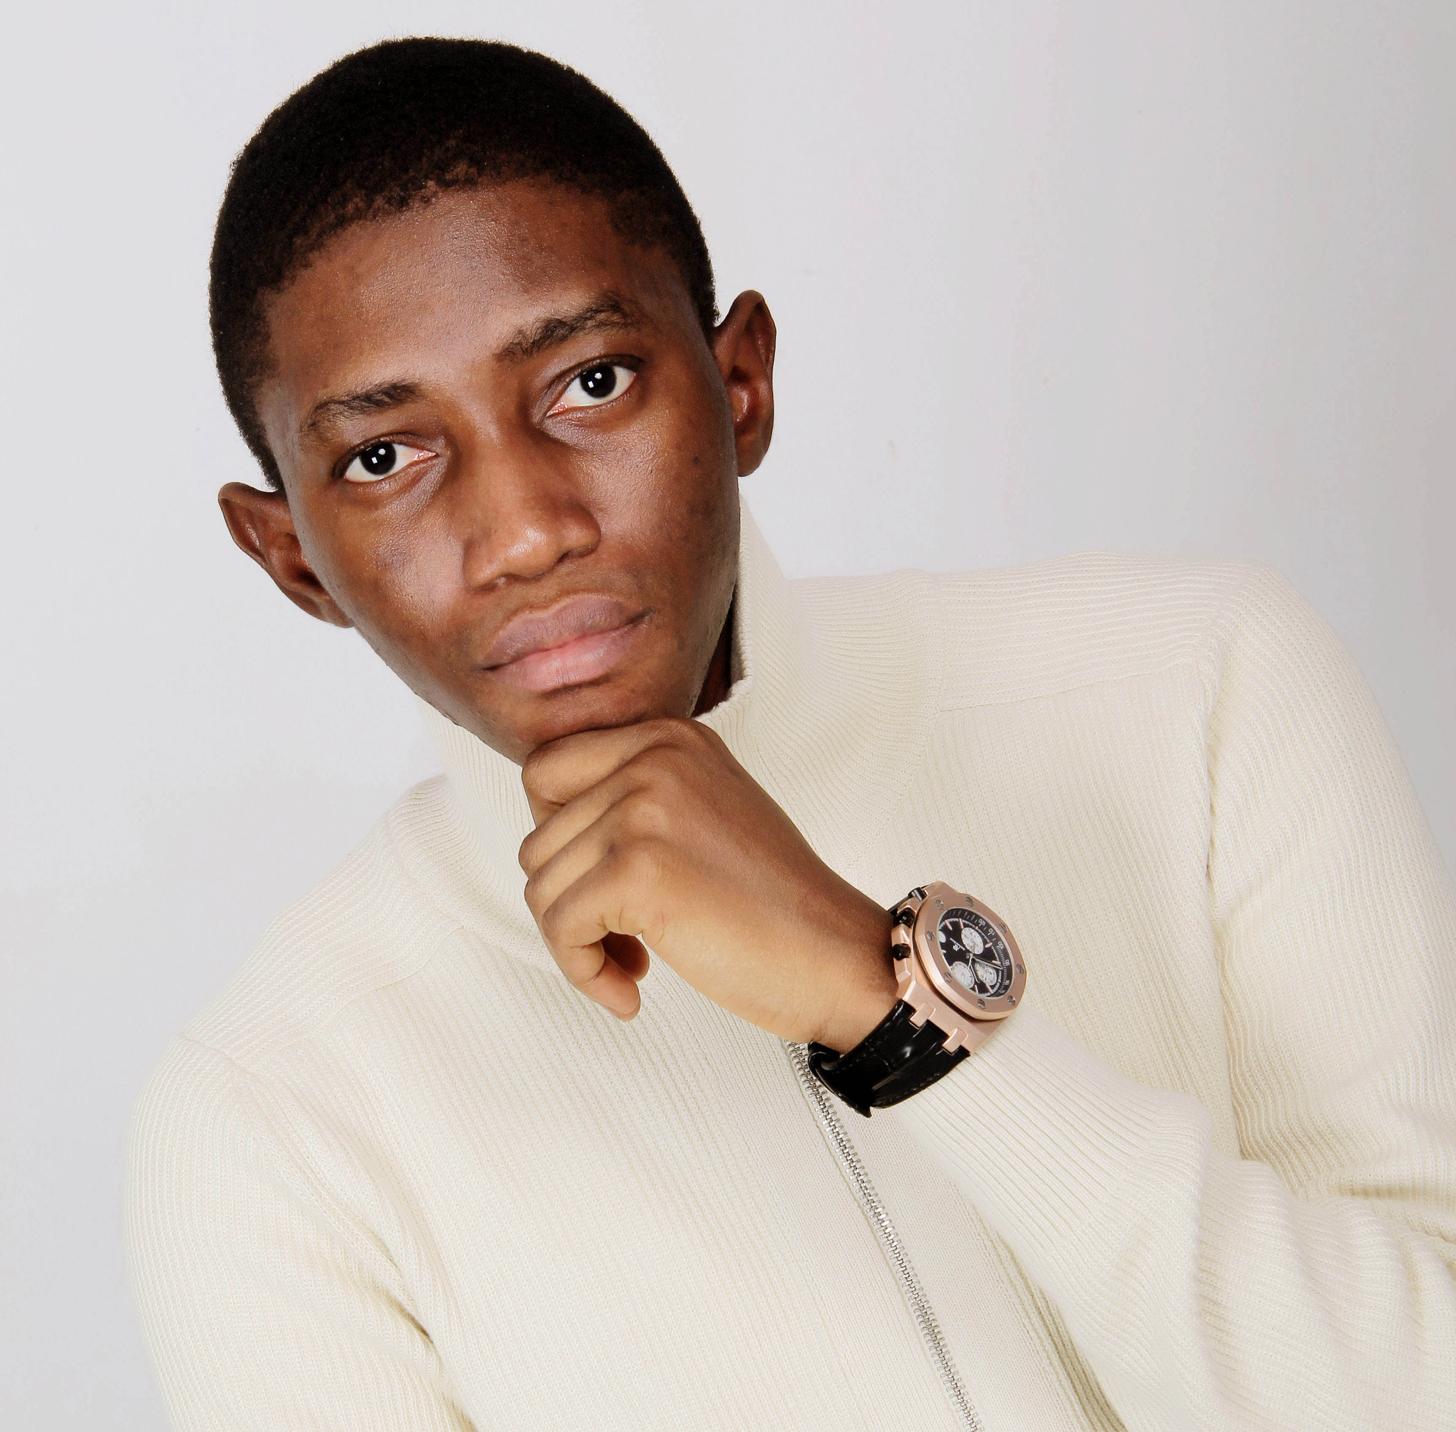 David Olarinoye